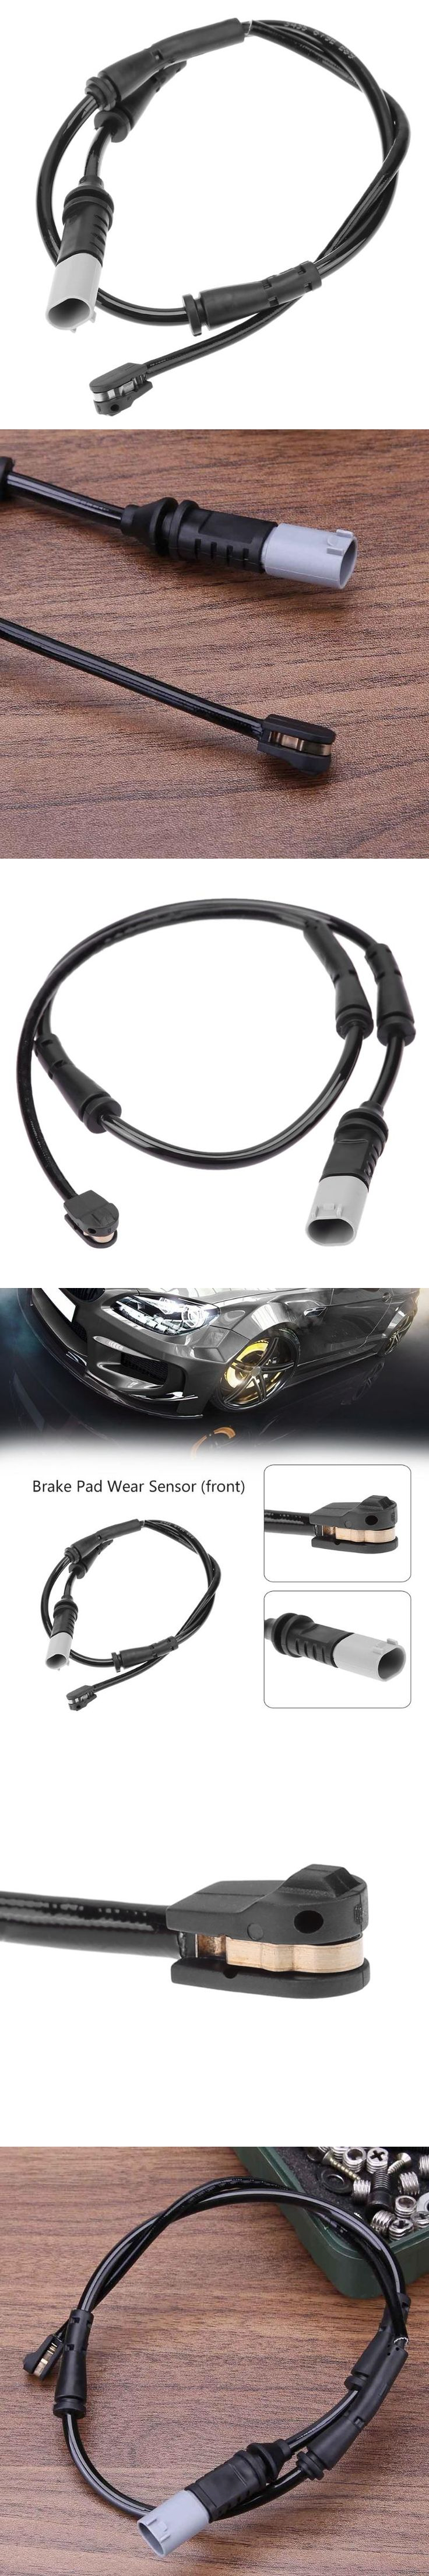 Car Front Brake Pad Wear Sensor for BMW 1Series F20 3Series F30 F31 34356792289 39751 WI0751 39138